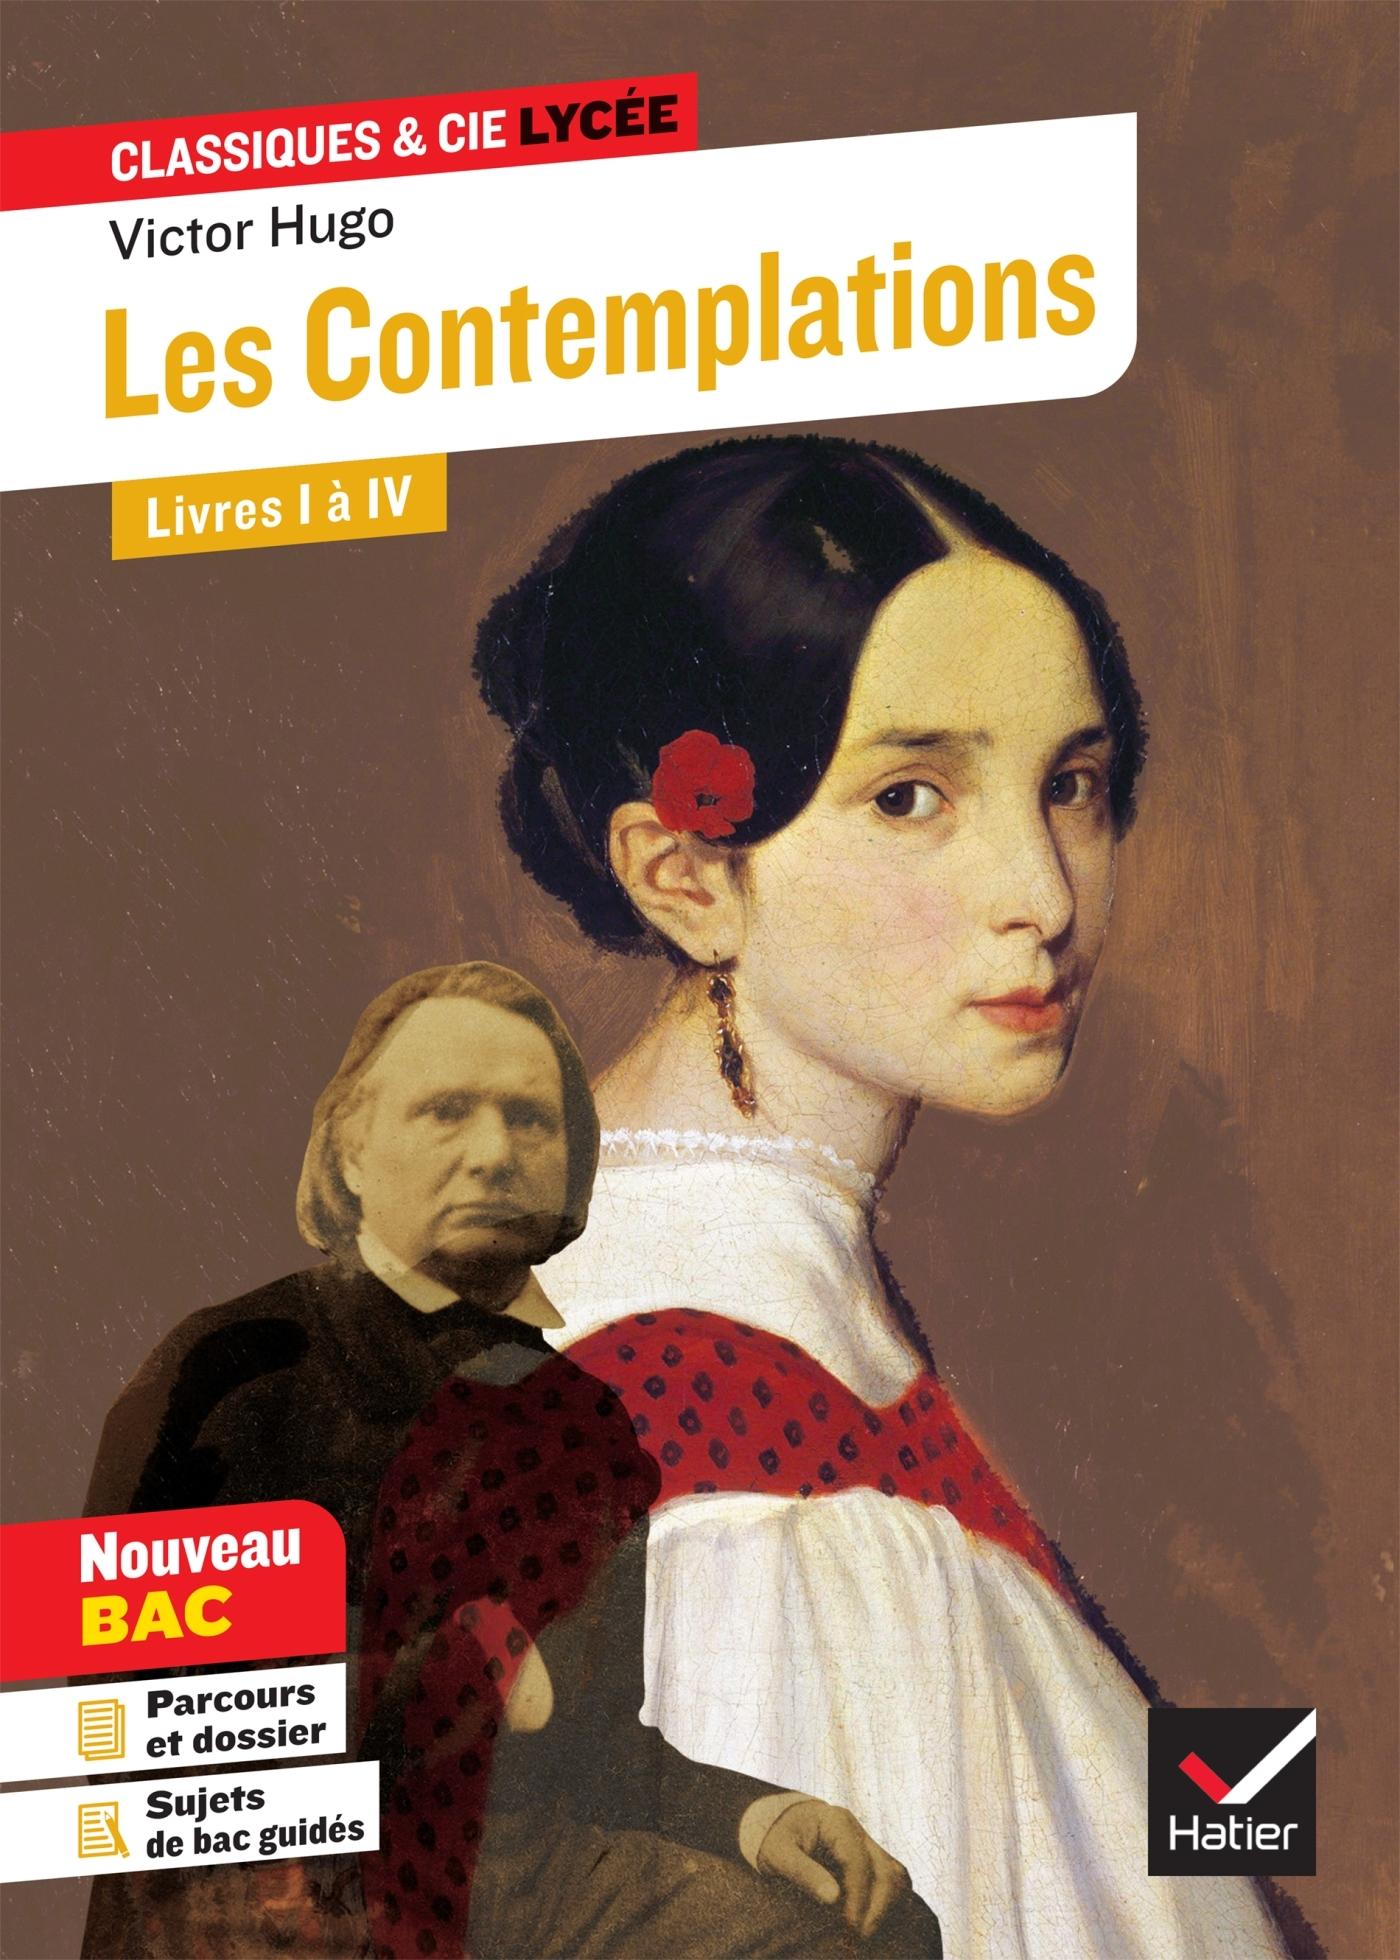 LES CONTEMPLATIONS, LIVRES I A IV (BAC 2020) - SUIVI DU PARCOURS  LES MEMOIRES D'UNE AME